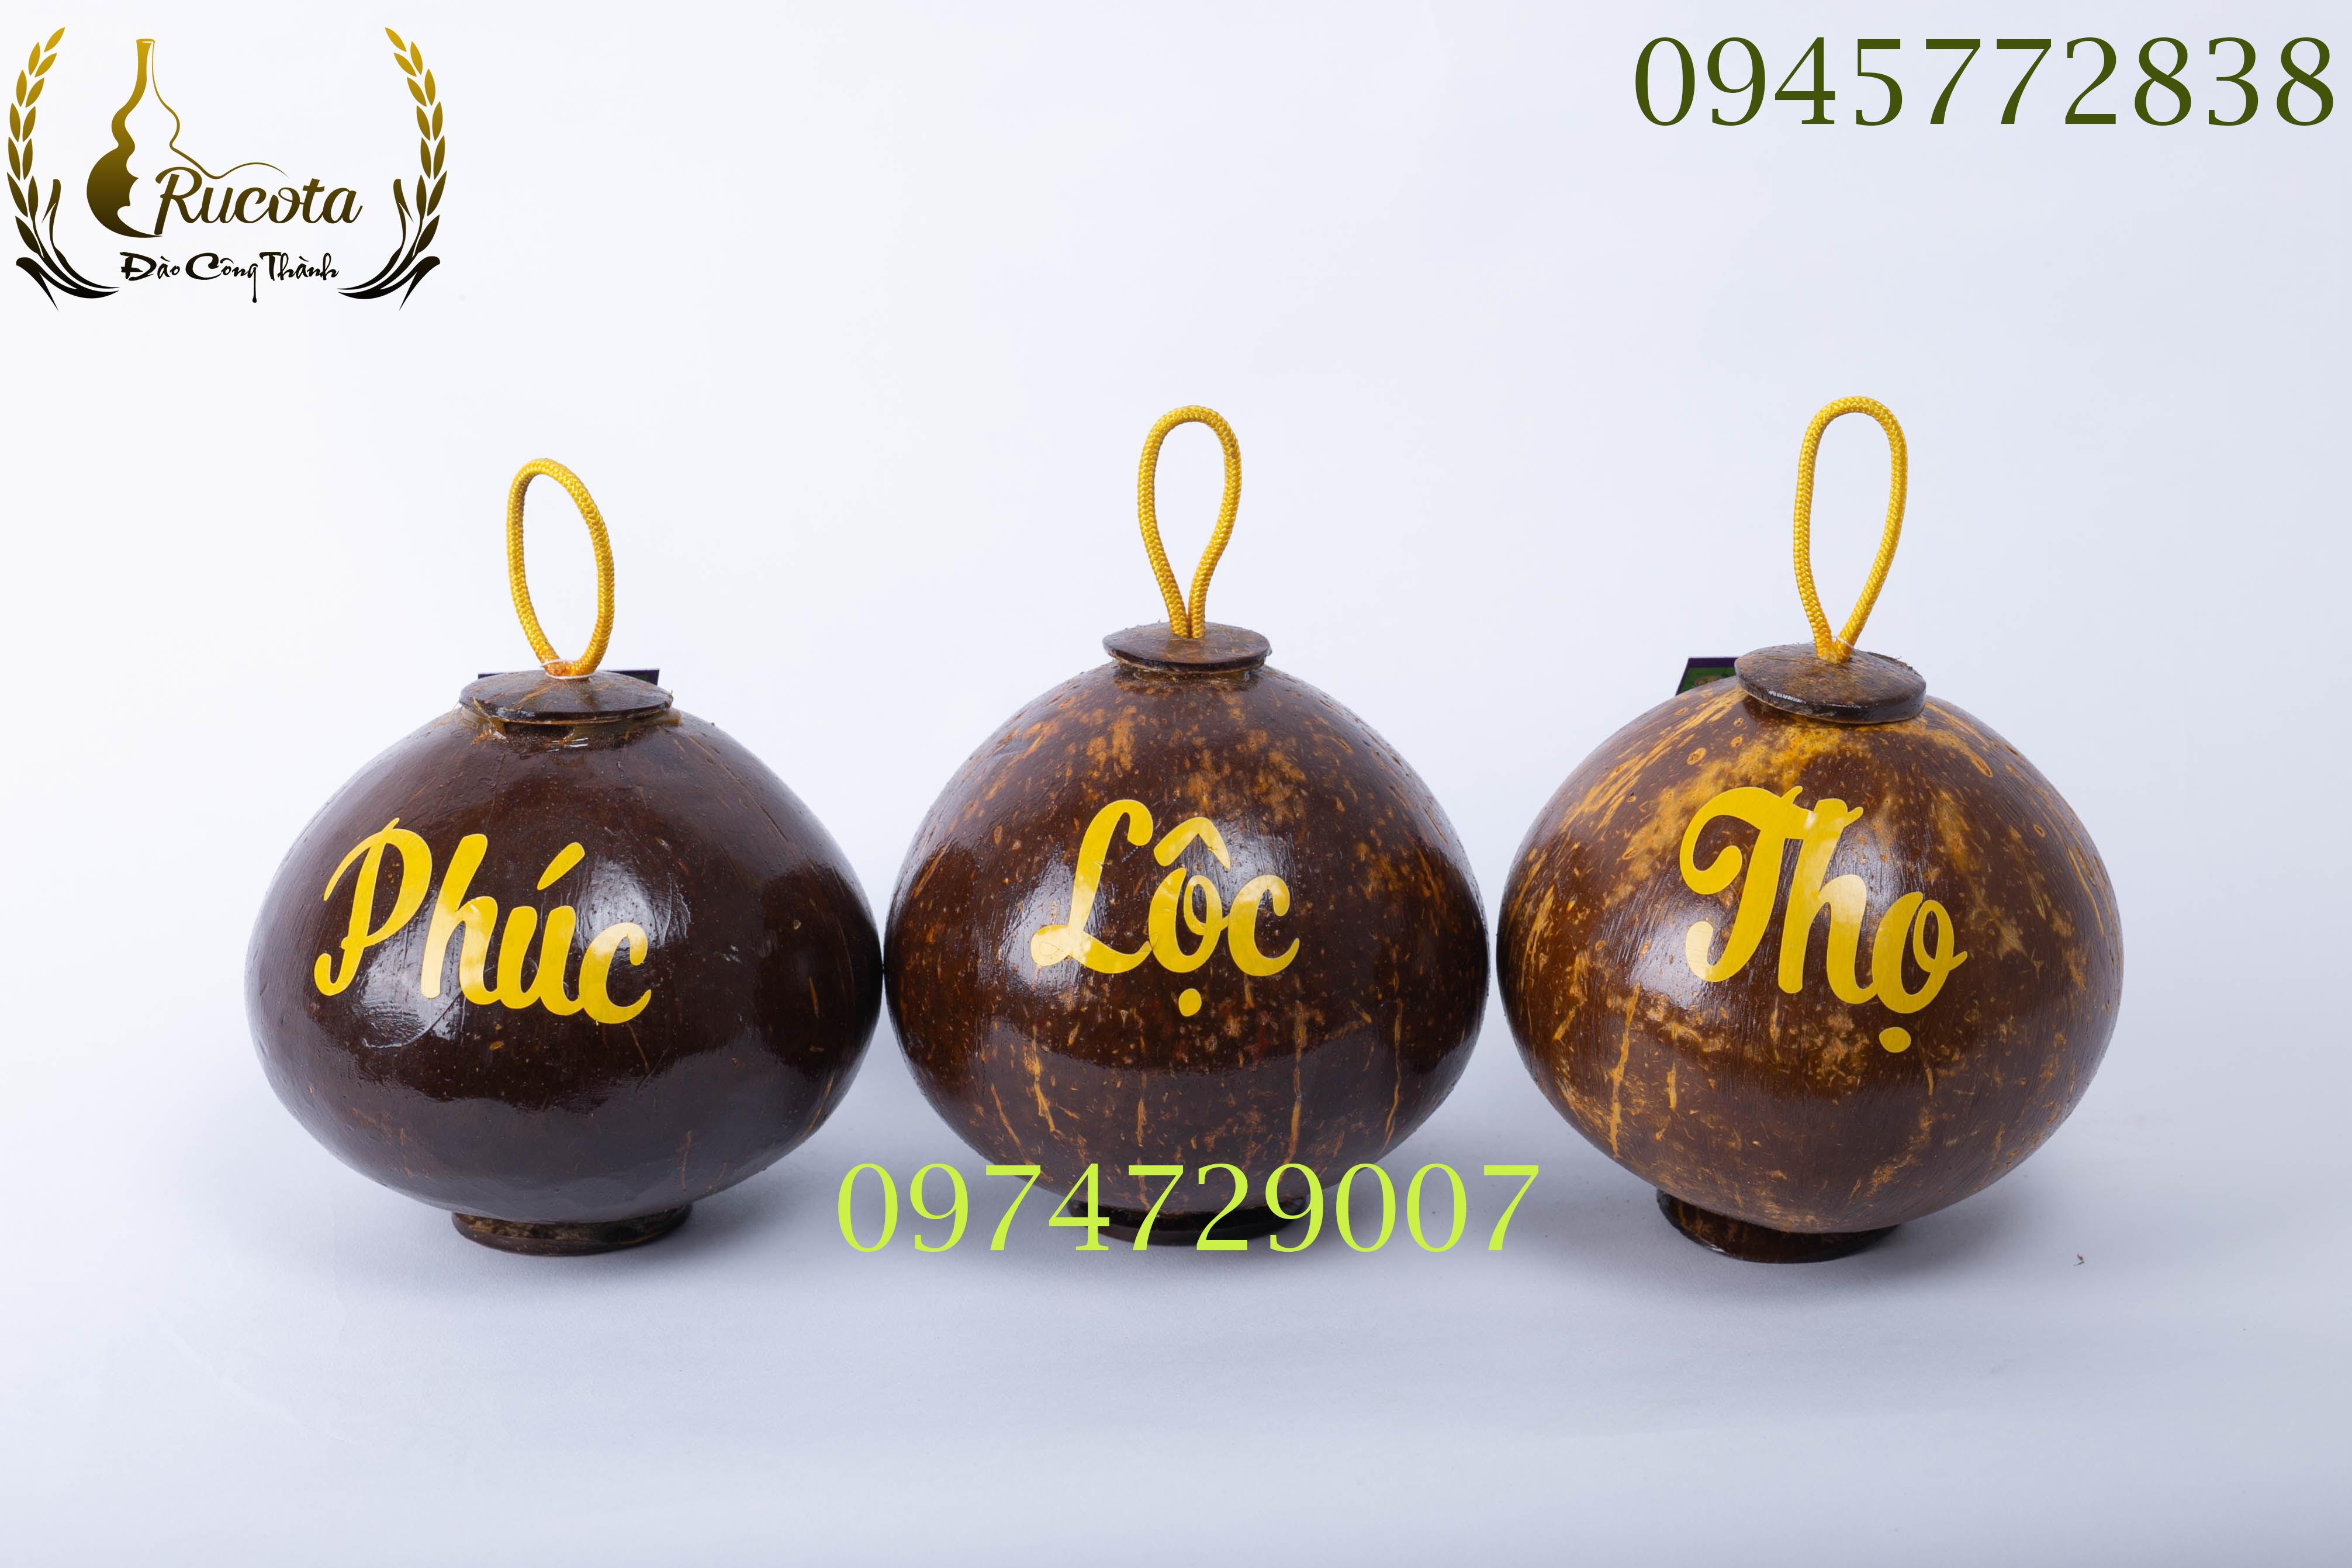 rượu dừa